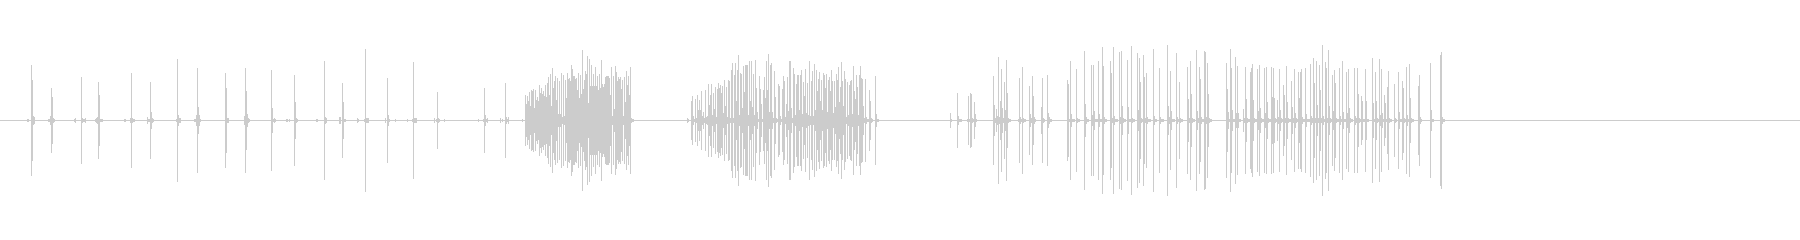 コーキングガンシーケンスの未再生の波形